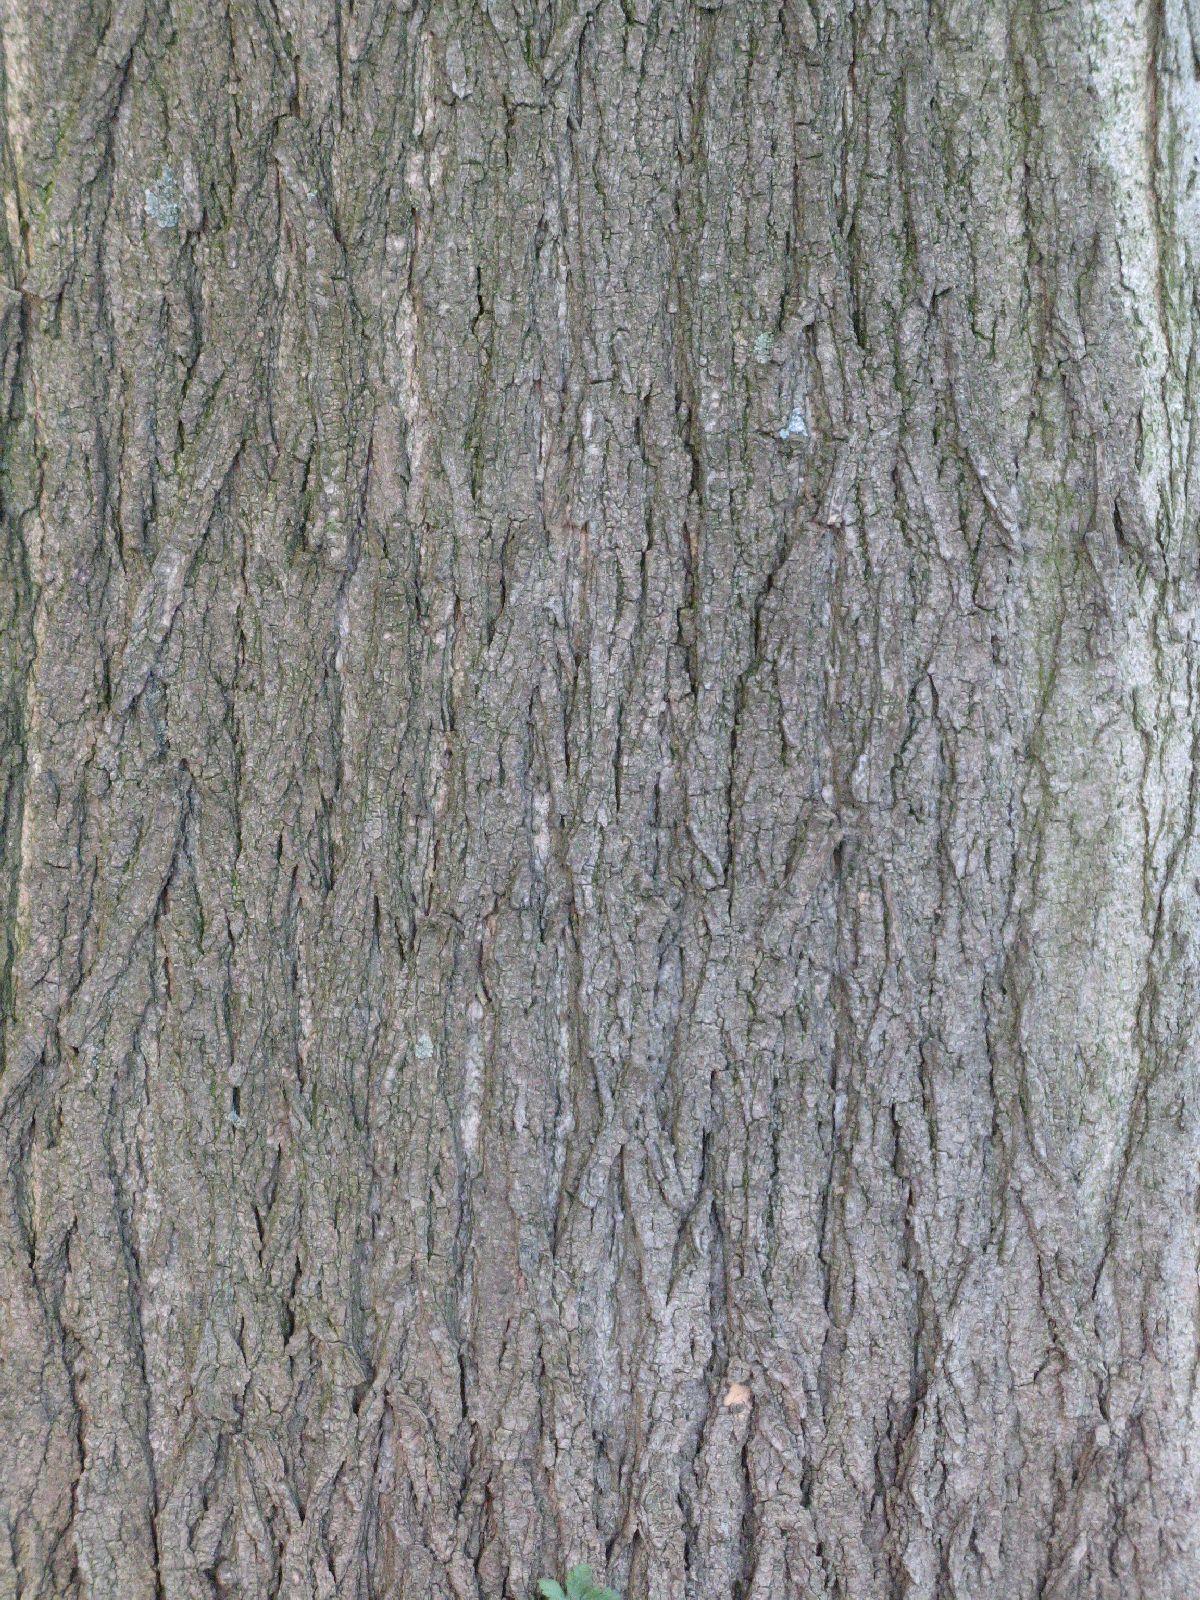 Baum-Rinde_Texturs_B_27430